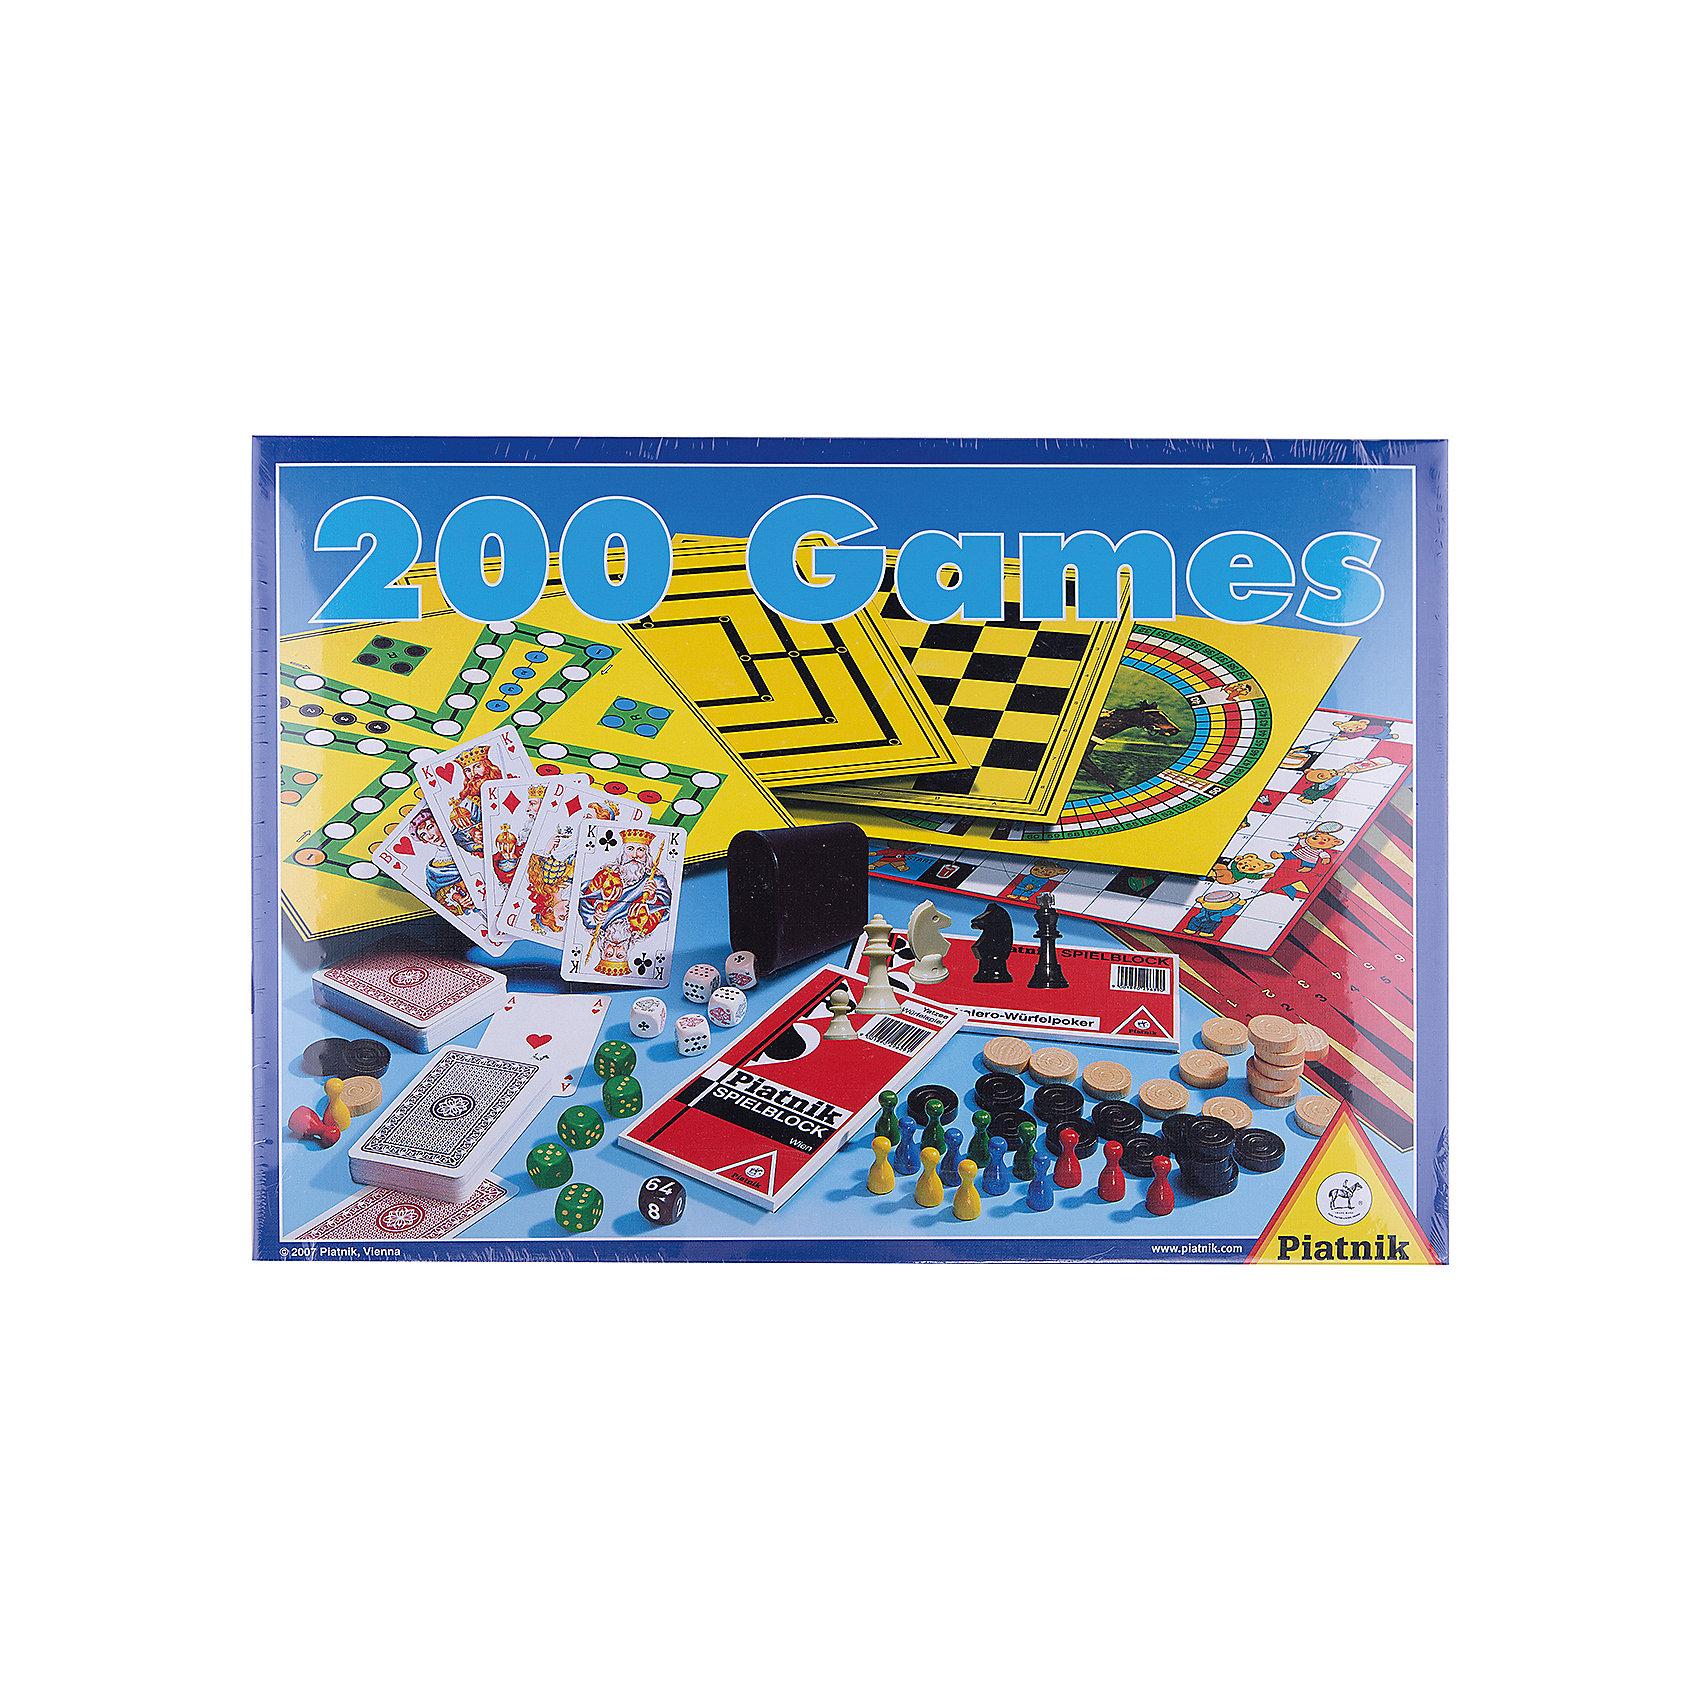 200 игр + шахматы, Piatnik200 игр + шахматы, Piatnik  – это набор настольных игр для всех членов семьи, который позволит приятно провести свободное время.<br>Игровой набор 200 игр+шахматы предлагает выбрать ту игру, которая придется по душе именно Вам. 200 вариантов игр на любой вкус удовлетворят требования самых строгих игроманов. Множество элементов в наборе, качественное исполнение, подробные и понятные правила – все это делает набор очень популярным среди любителей настольных игр. Играть можно дома, в гостях, в дороге, на природе. Выбирайте, в какую игру хотите поиграть – и вперед! А играть можно в игры с игровыми полями или без них, с кубиками, с фишками, с шашками. Этот набор позволяет даже сыграть партию в шахматы. Инструкция поможет сориентироваться в предложенном многообразии игр. С таким игровым набором досуг пройдет весело и непринужденно<br><br>Дополнительная информация:<br><br>- Для детей от 6 лет и старше<br>- Количество игроков: от 2 и более человек<br>- Среднее время игры: 15 минут<br>- В комплекте: игровое поле – 3 шт., фишки – 16 шт., шашки белые – 15 шт., шашки черные – 15 шт., блок для записи Eskalero и Yatze, шахматные фигуры – 32 шт., игральный кубик – 5 шт., двойной кубик – 1шт., игральные карты – 2 колоды, стакан для игры с кубиками – 1 шт., правила игры<br>- Упаковка: картонная коробка<br>- Размер упаковки: 41 х 30 х 6 см.<br>- Вес: 1270 гр.<br><br>Набор 200 игр + шахматы, Piatnik можно купить в нашем интернет-магазине.<br><br>Ширина мм: 40<br>Глубина мм: 410<br>Высота мм: 300<br>Вес г: 1270<br>Возраст от месяцев: 72<br>Возраст до месяцев: 1188<br>Пол: Унисекс<br>Возраст: Детский<br>SKU: 3770911